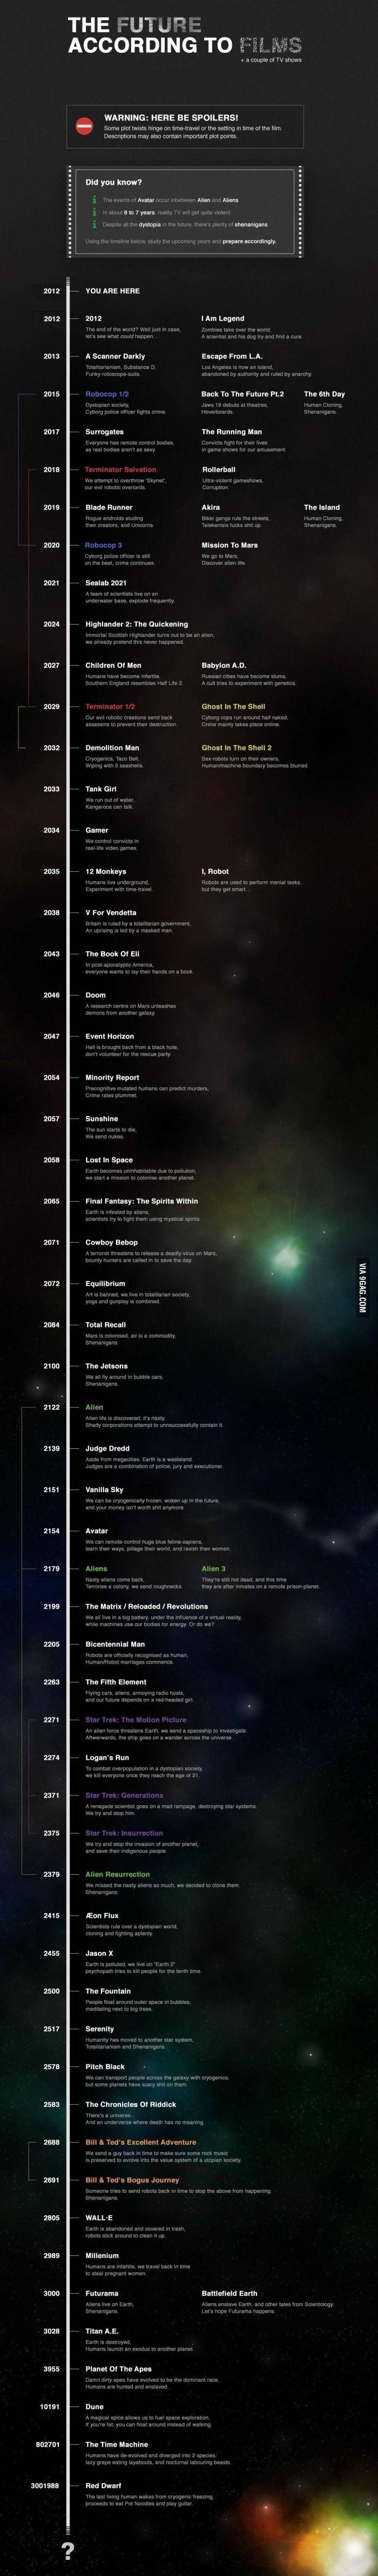 Sci-Fi Schedule.  2013 - L.A. is a prison: Kurt Russel has eye patch.